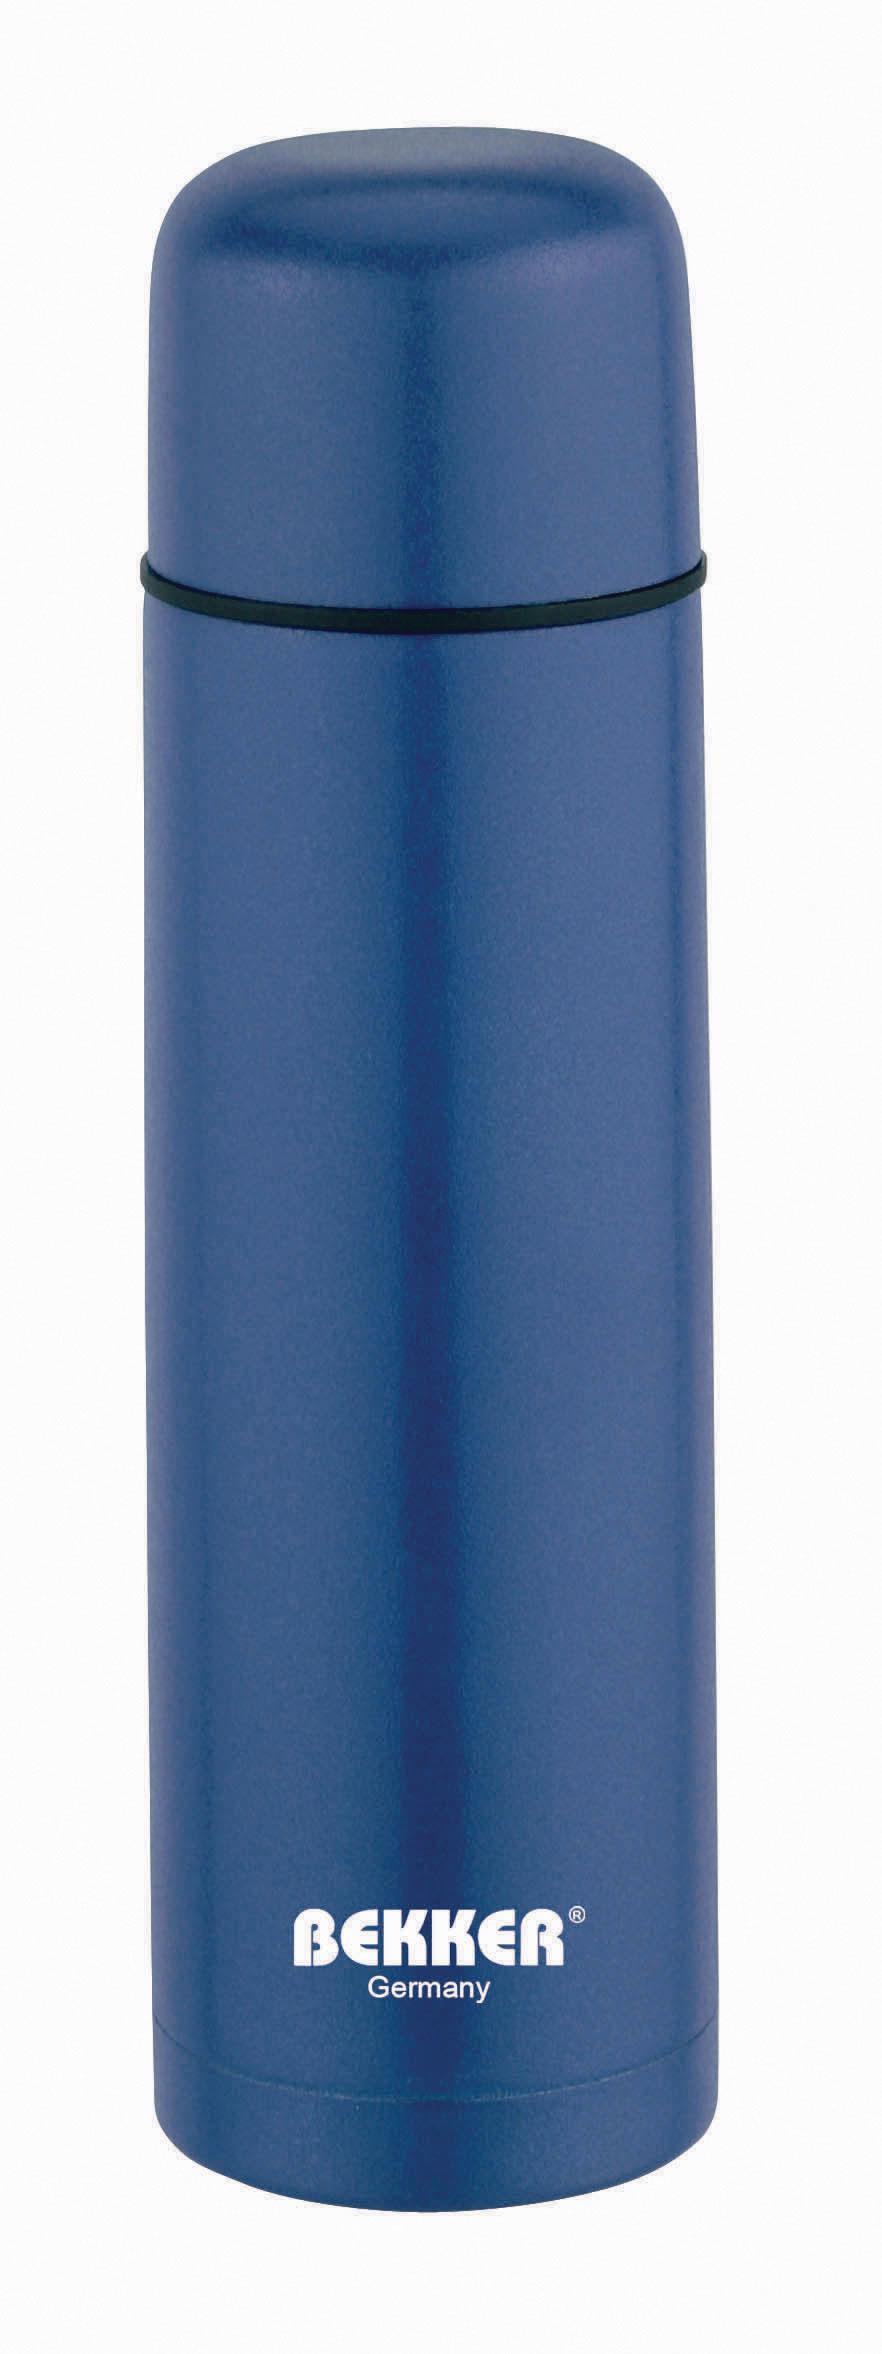 Термос Bekker, 1 л. BK-4038 (30)115510Термос Bekker выполнен из качественной нержавеющей стали, которая не вступает в реакцию с содержимым термоса и не изменяет вкусовых качеств напитка. Двойная стенка из нержавеющей стали сохраняет температуру ваших напитков до 24 часов.Вакуумный закручивающийся клапан предохраняет от проливаний, а удобная кнопка-дозатор избавит от необходимости каждый раз откручивать крышку. Крышку можно использовать как чашку. Данная модель термоса прочная, долговечная и в тоже время легкая. Изделие упаковано в удобный чехол. Стильный металлический термос понравится абсолютно всем и впишется в любой интерьер кухни.Не рекомендуется мыть в посудомоечной машине.Диаметр: 8 см.Высота термоса: 31,5 см.